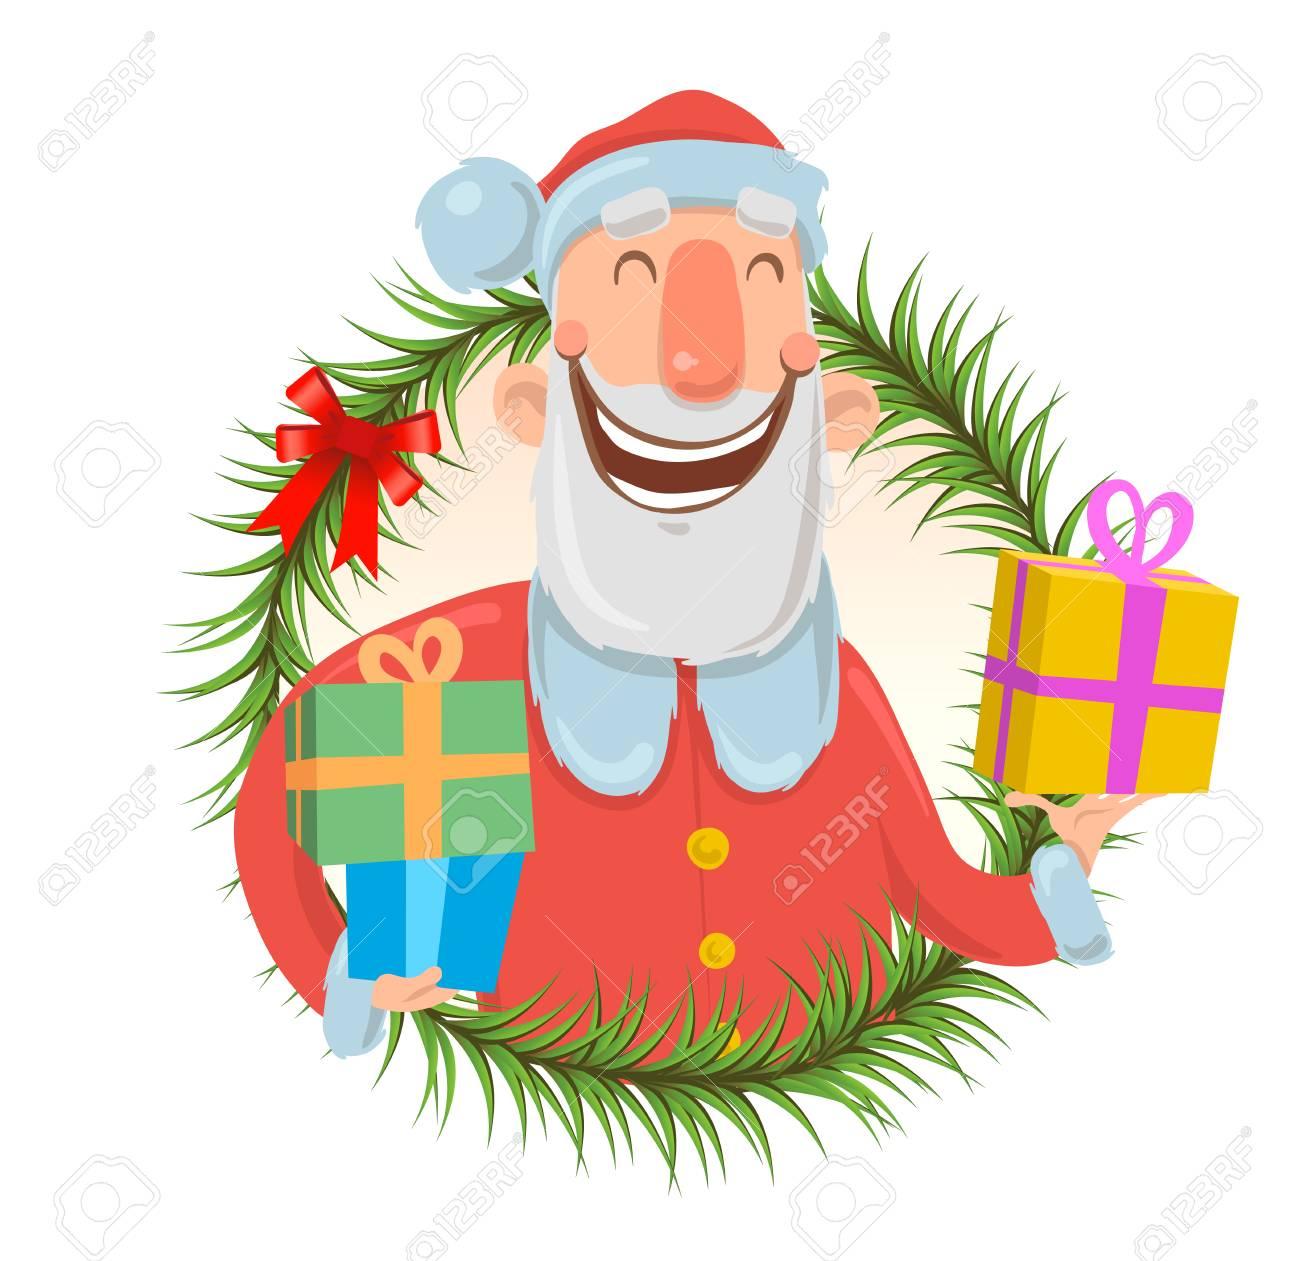 Kerstkaart Met Het Grappige Glimlachen Van De Kerstman De Kerstman